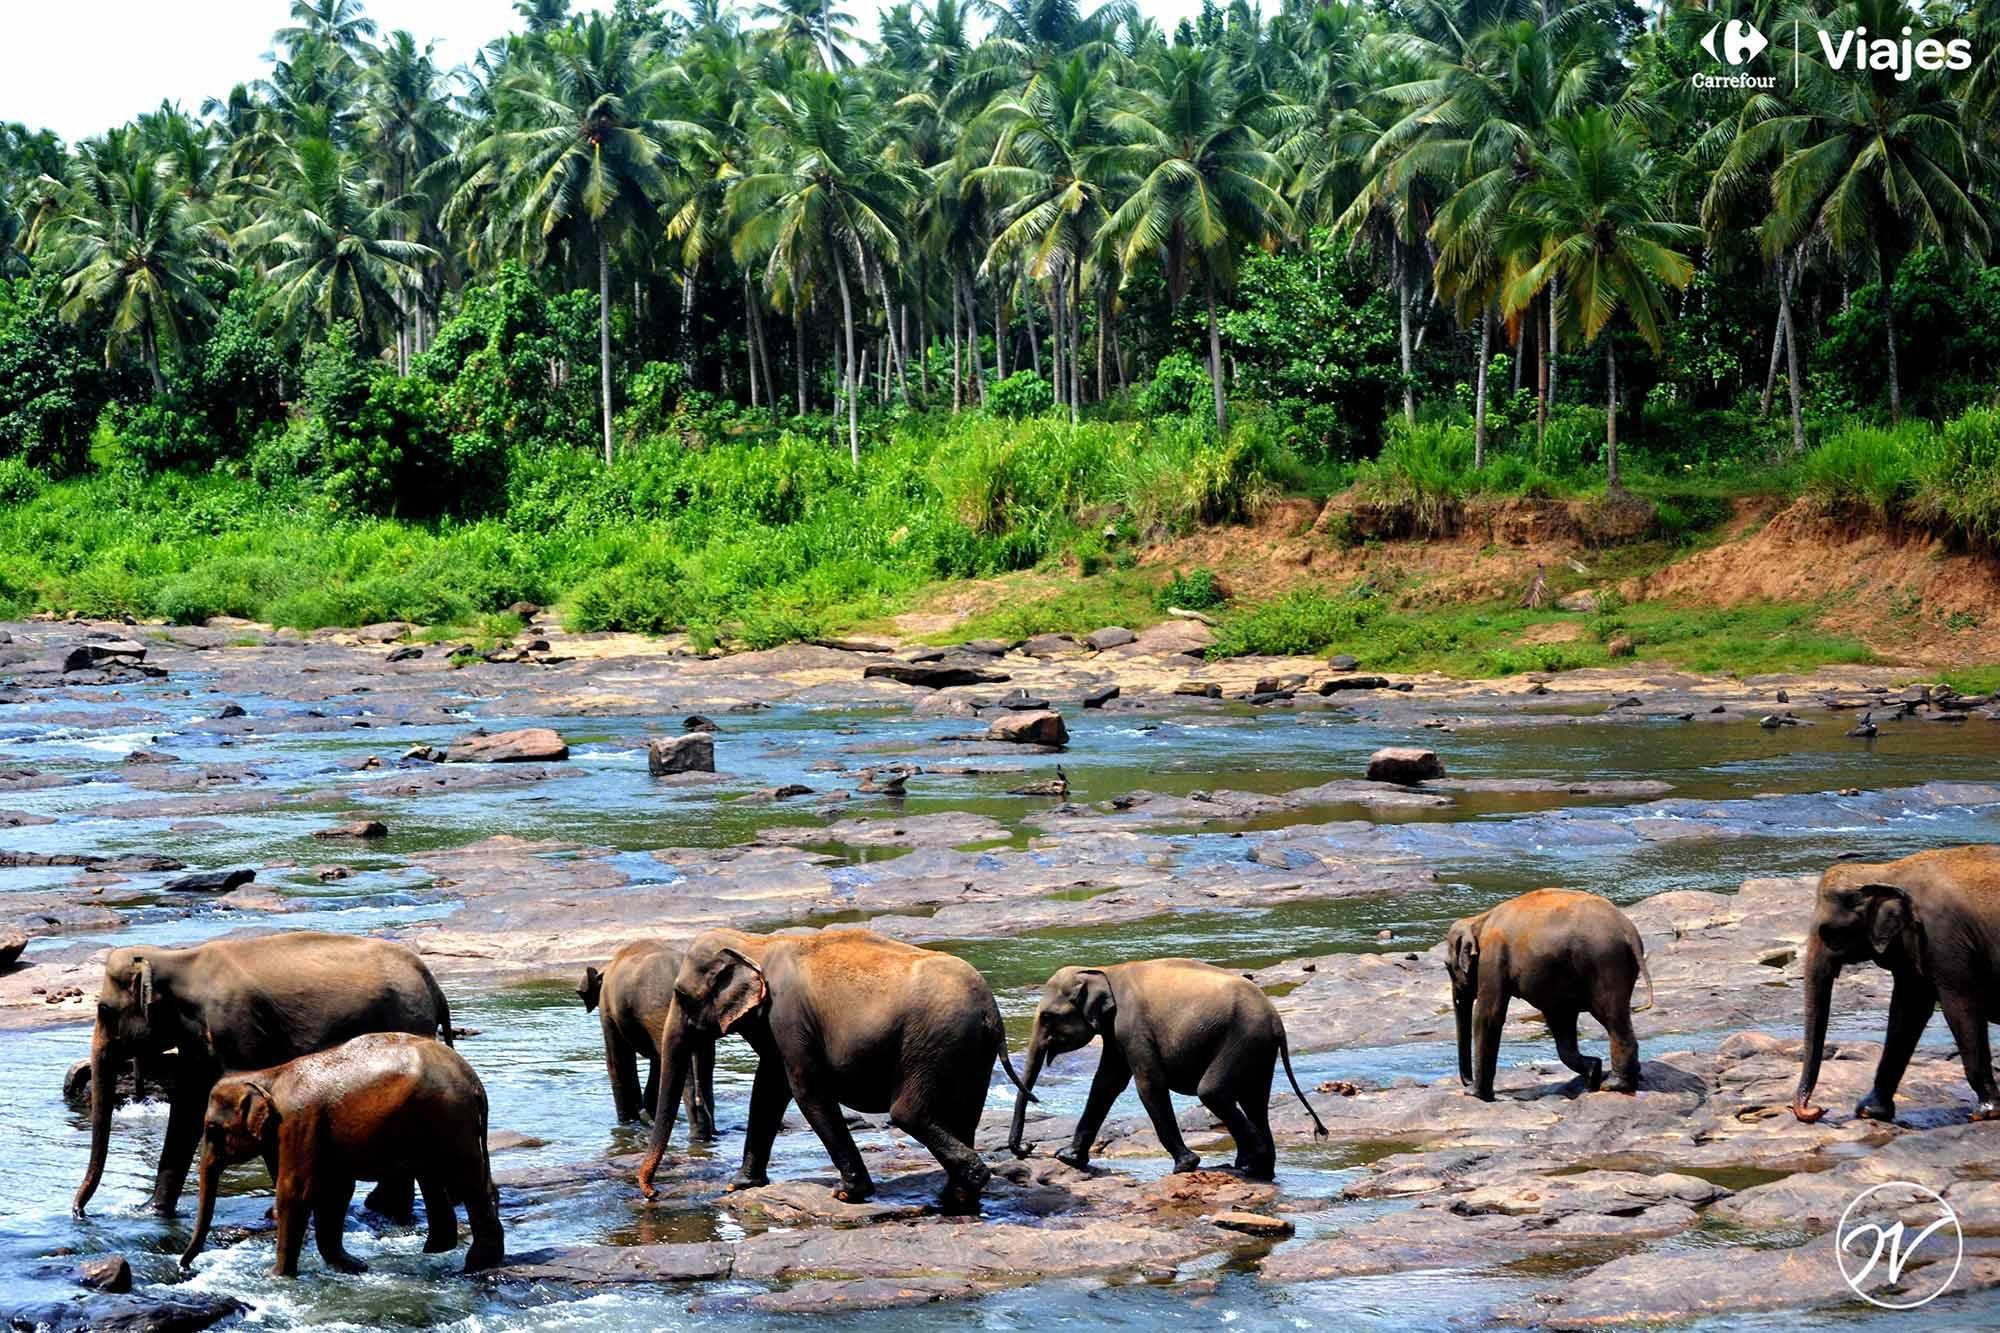 Aventuhero, Viaje a Sri Lanka - Orfanato de elefantes